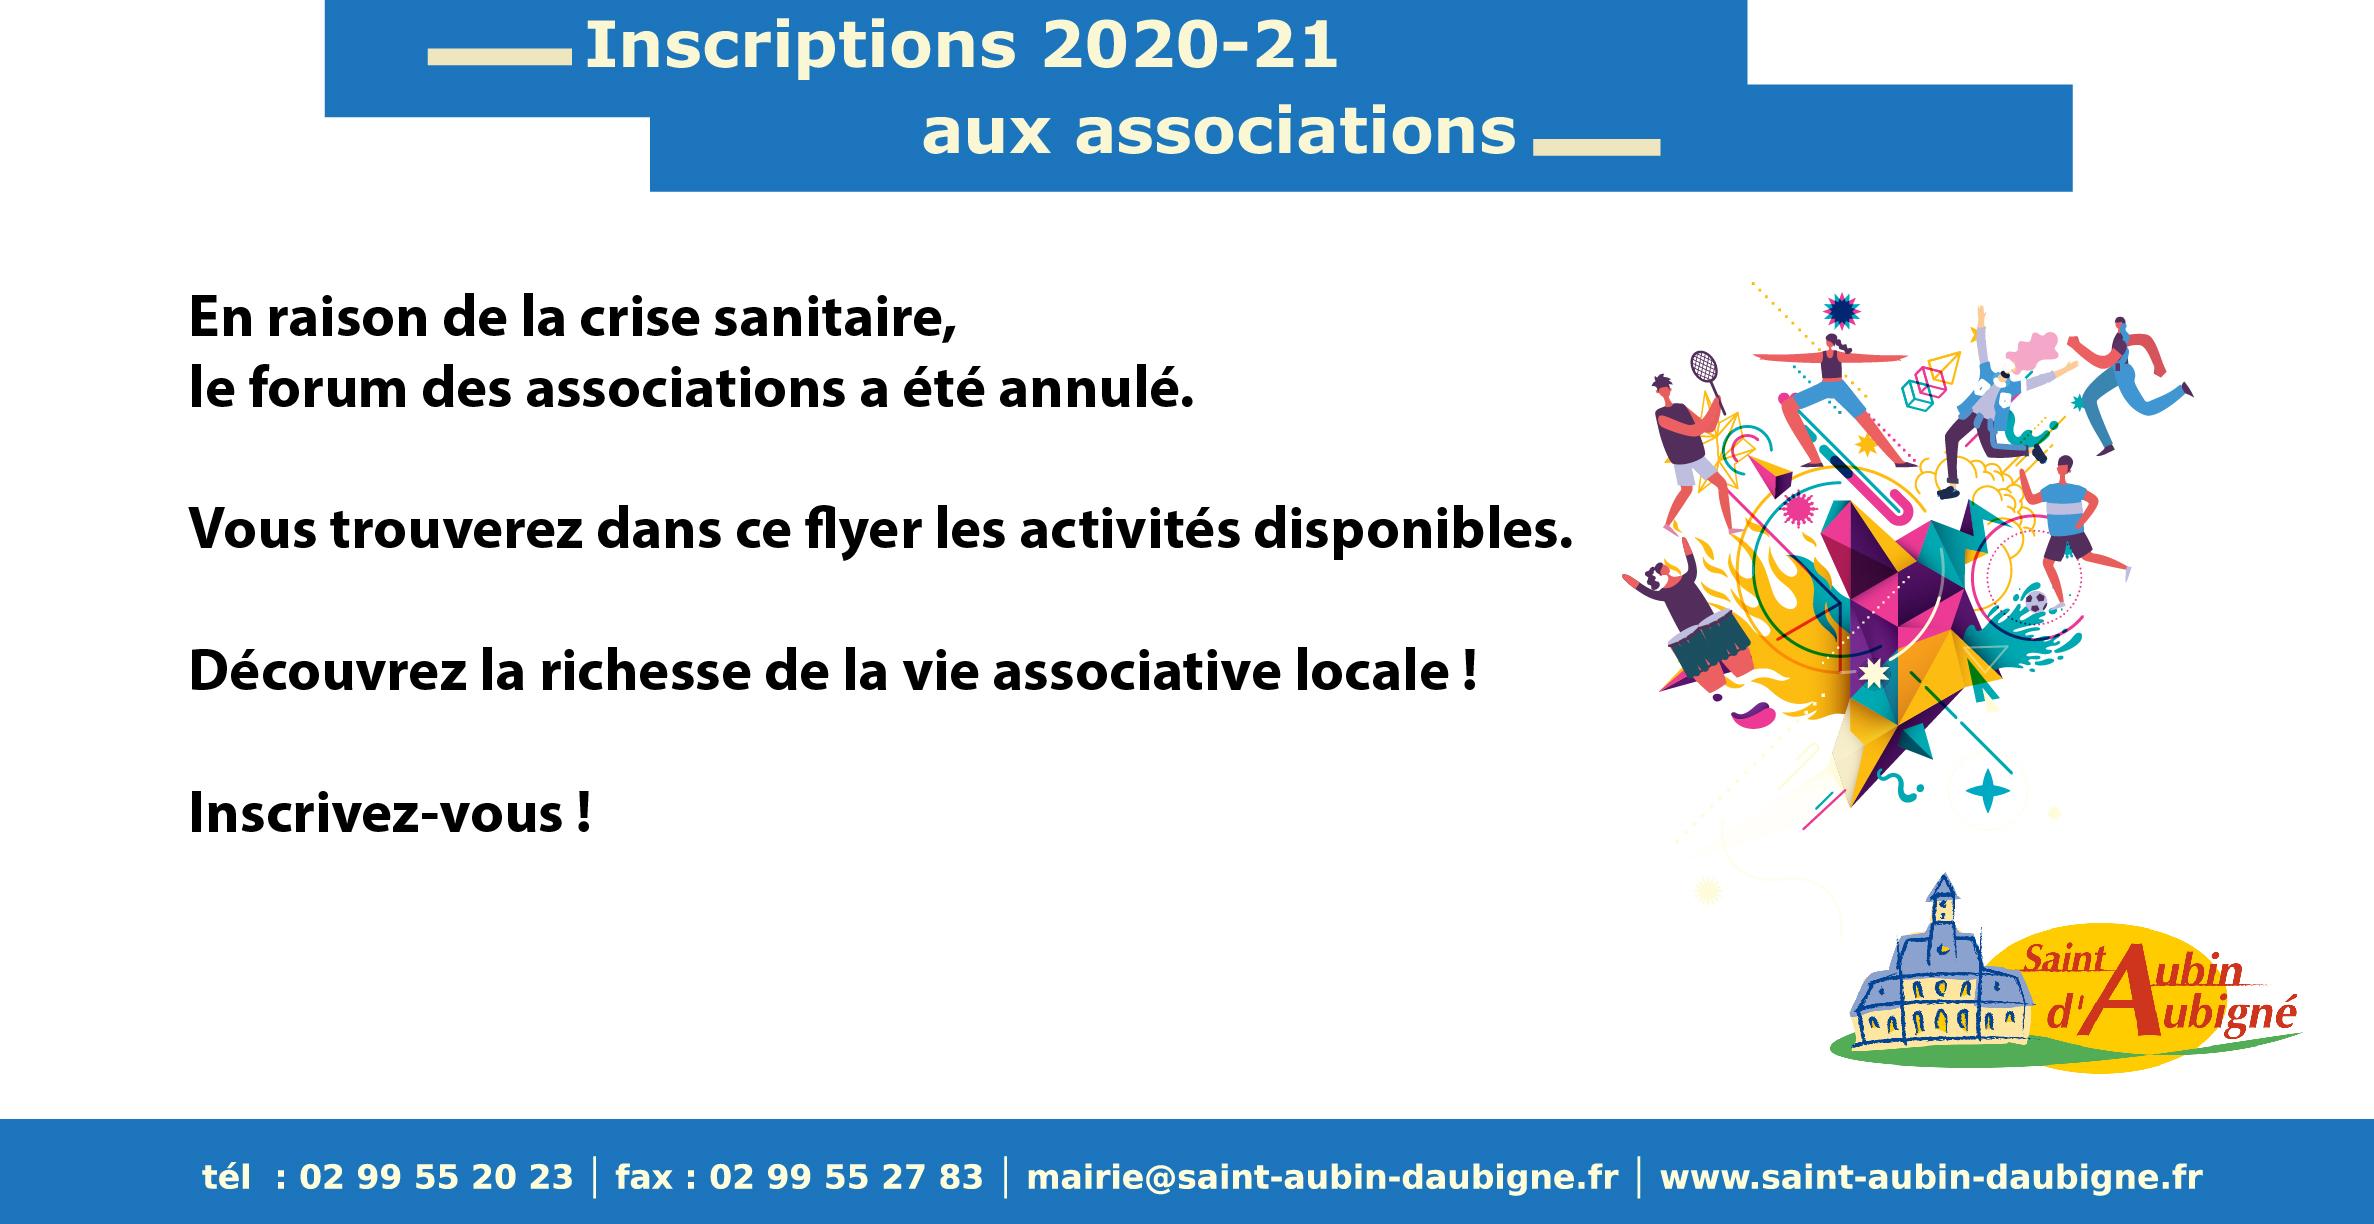 inscriptions 2020-21 aux associations